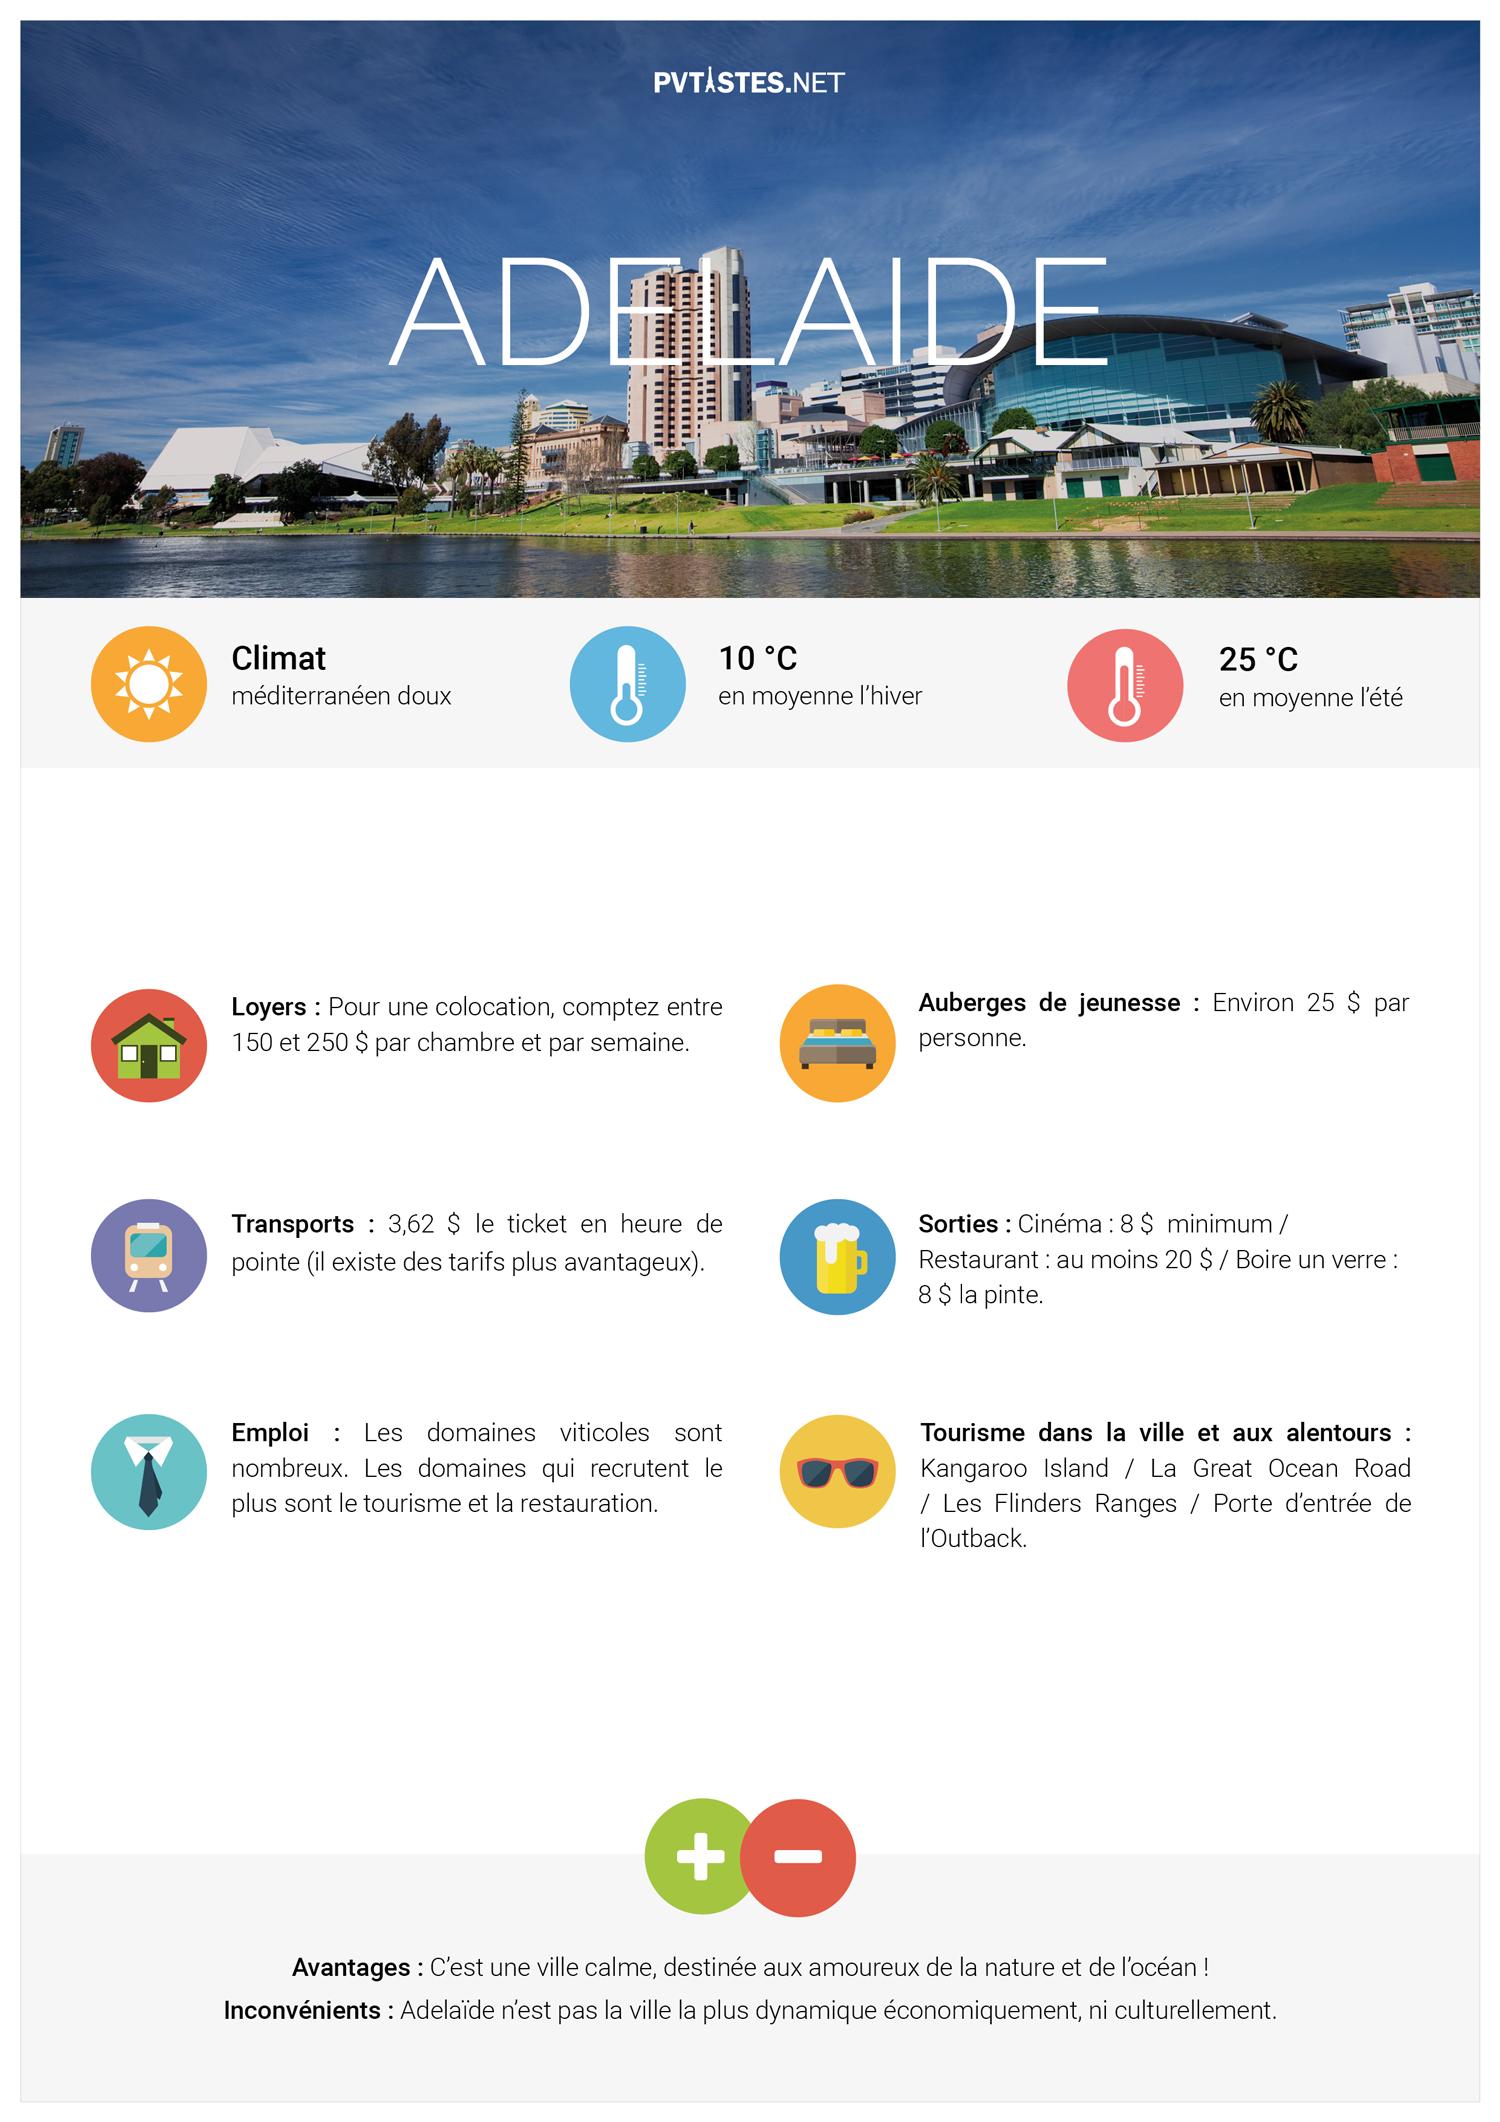 fiches-villes-OZ-adelaide-2